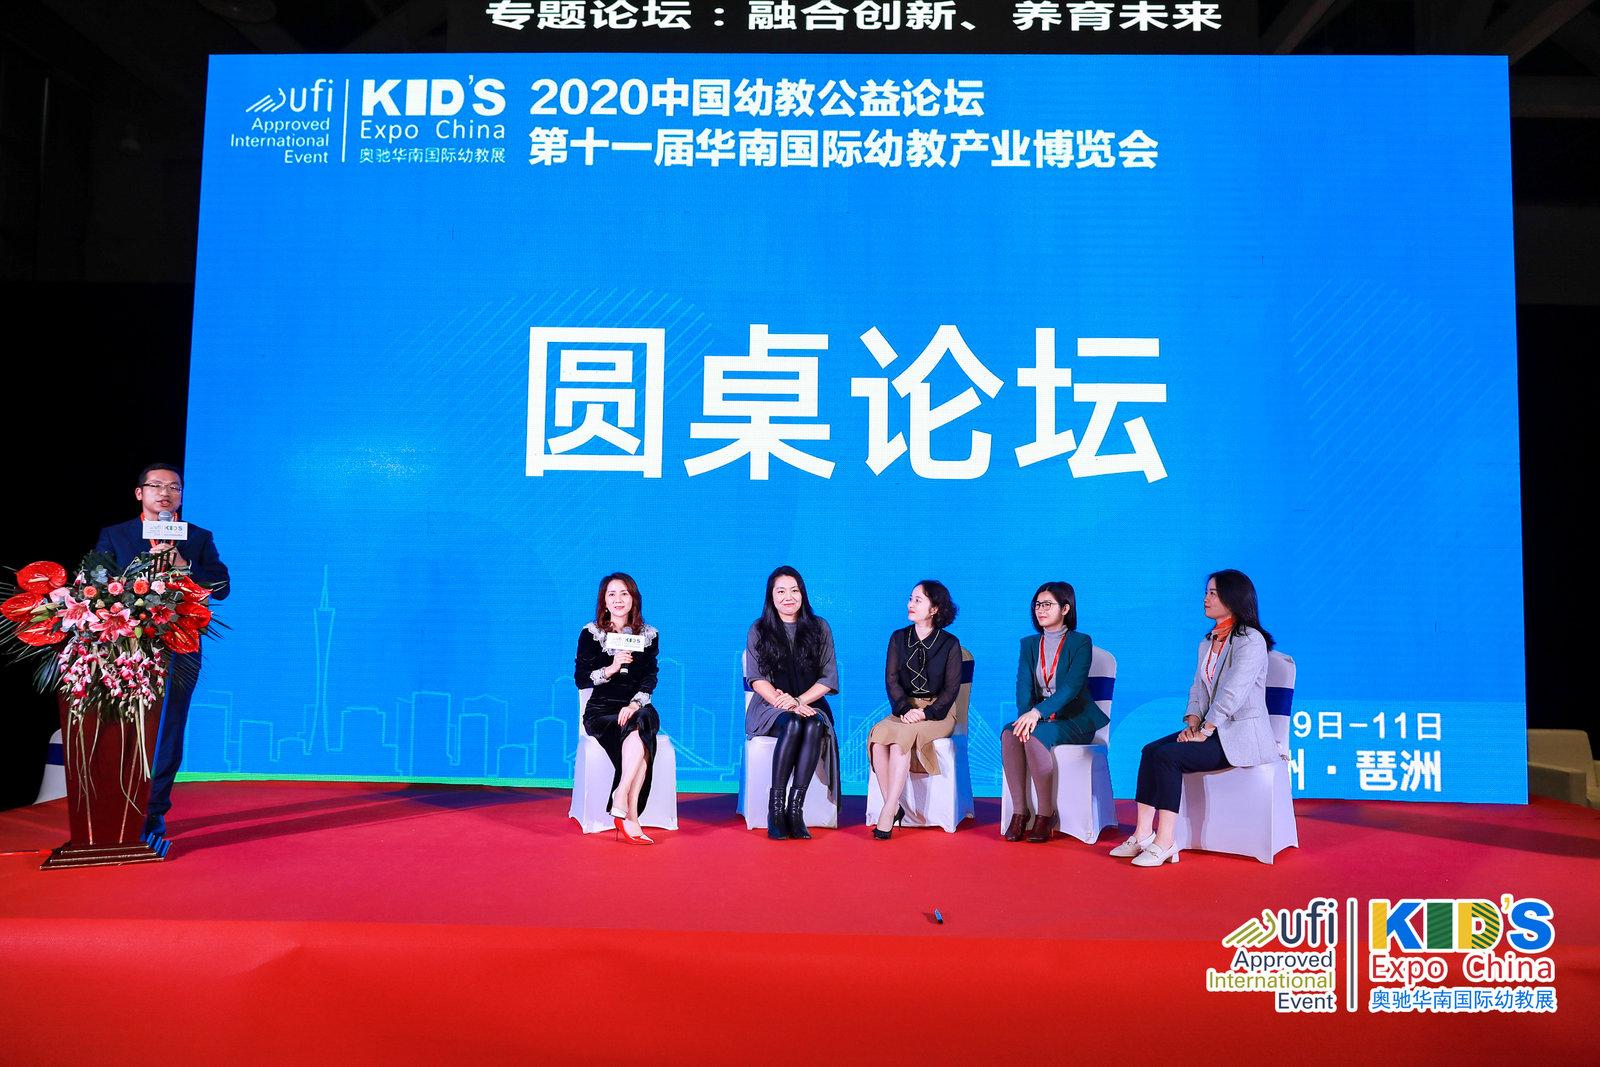 第十一届华南国际幼教展融合创新1